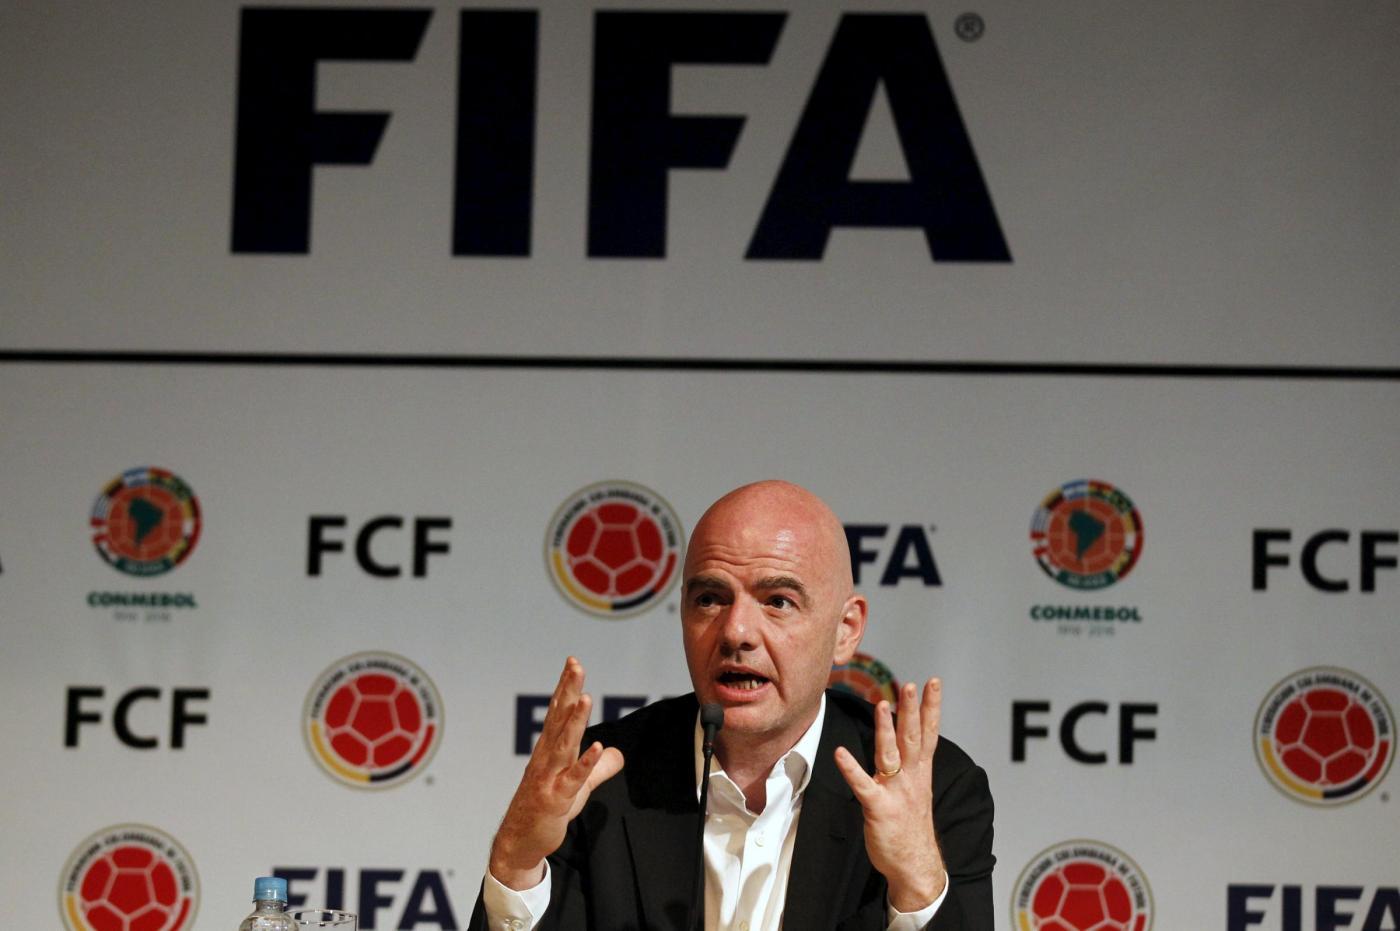 Mondiali di calcio 2026 a 48 squadre, cosa cambia